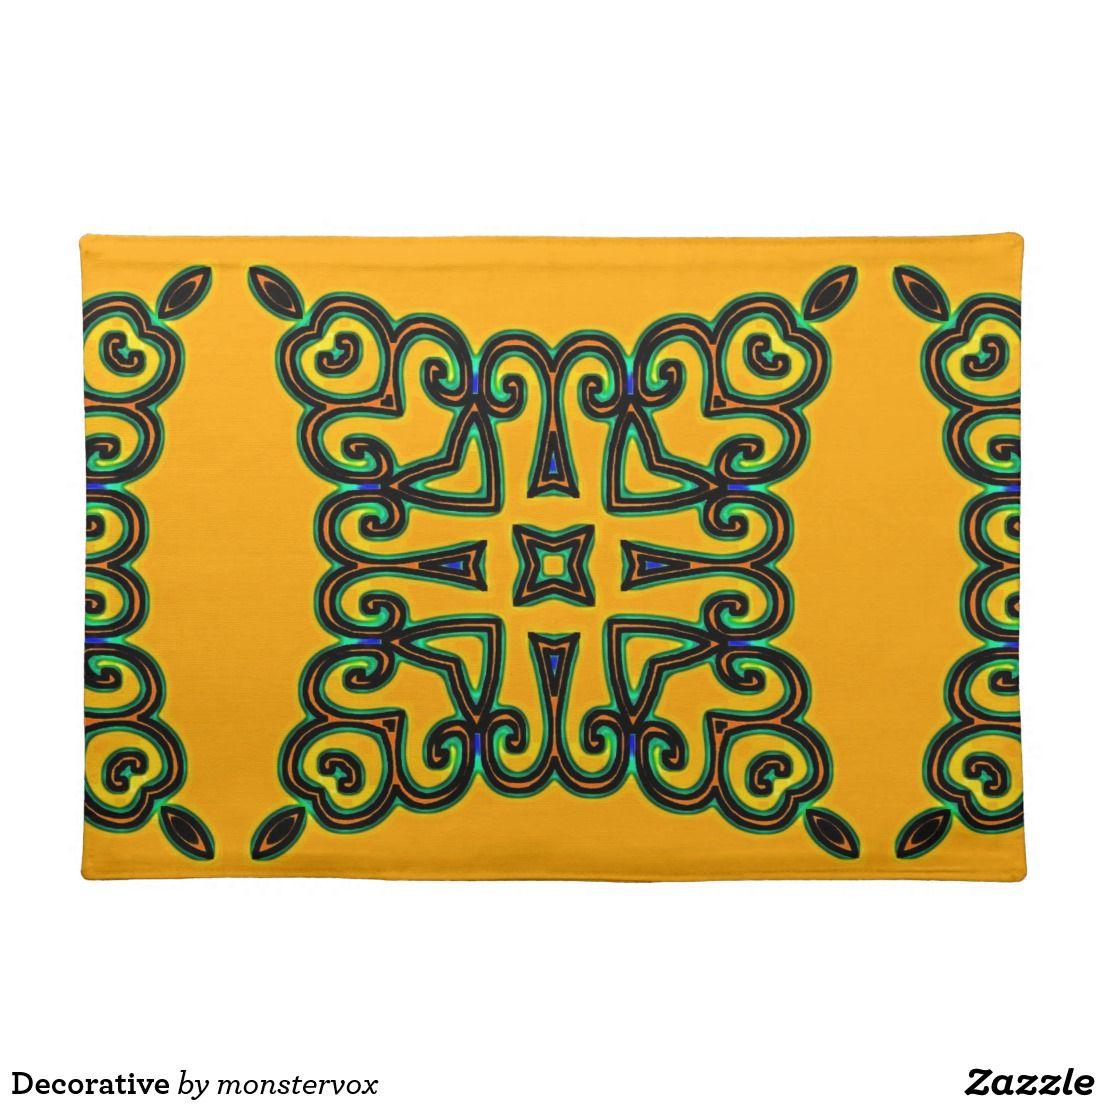 Decorative Placemat Decorative Ornament Design Home Decor Placemat Placemats Placemat Design Custom Placemats